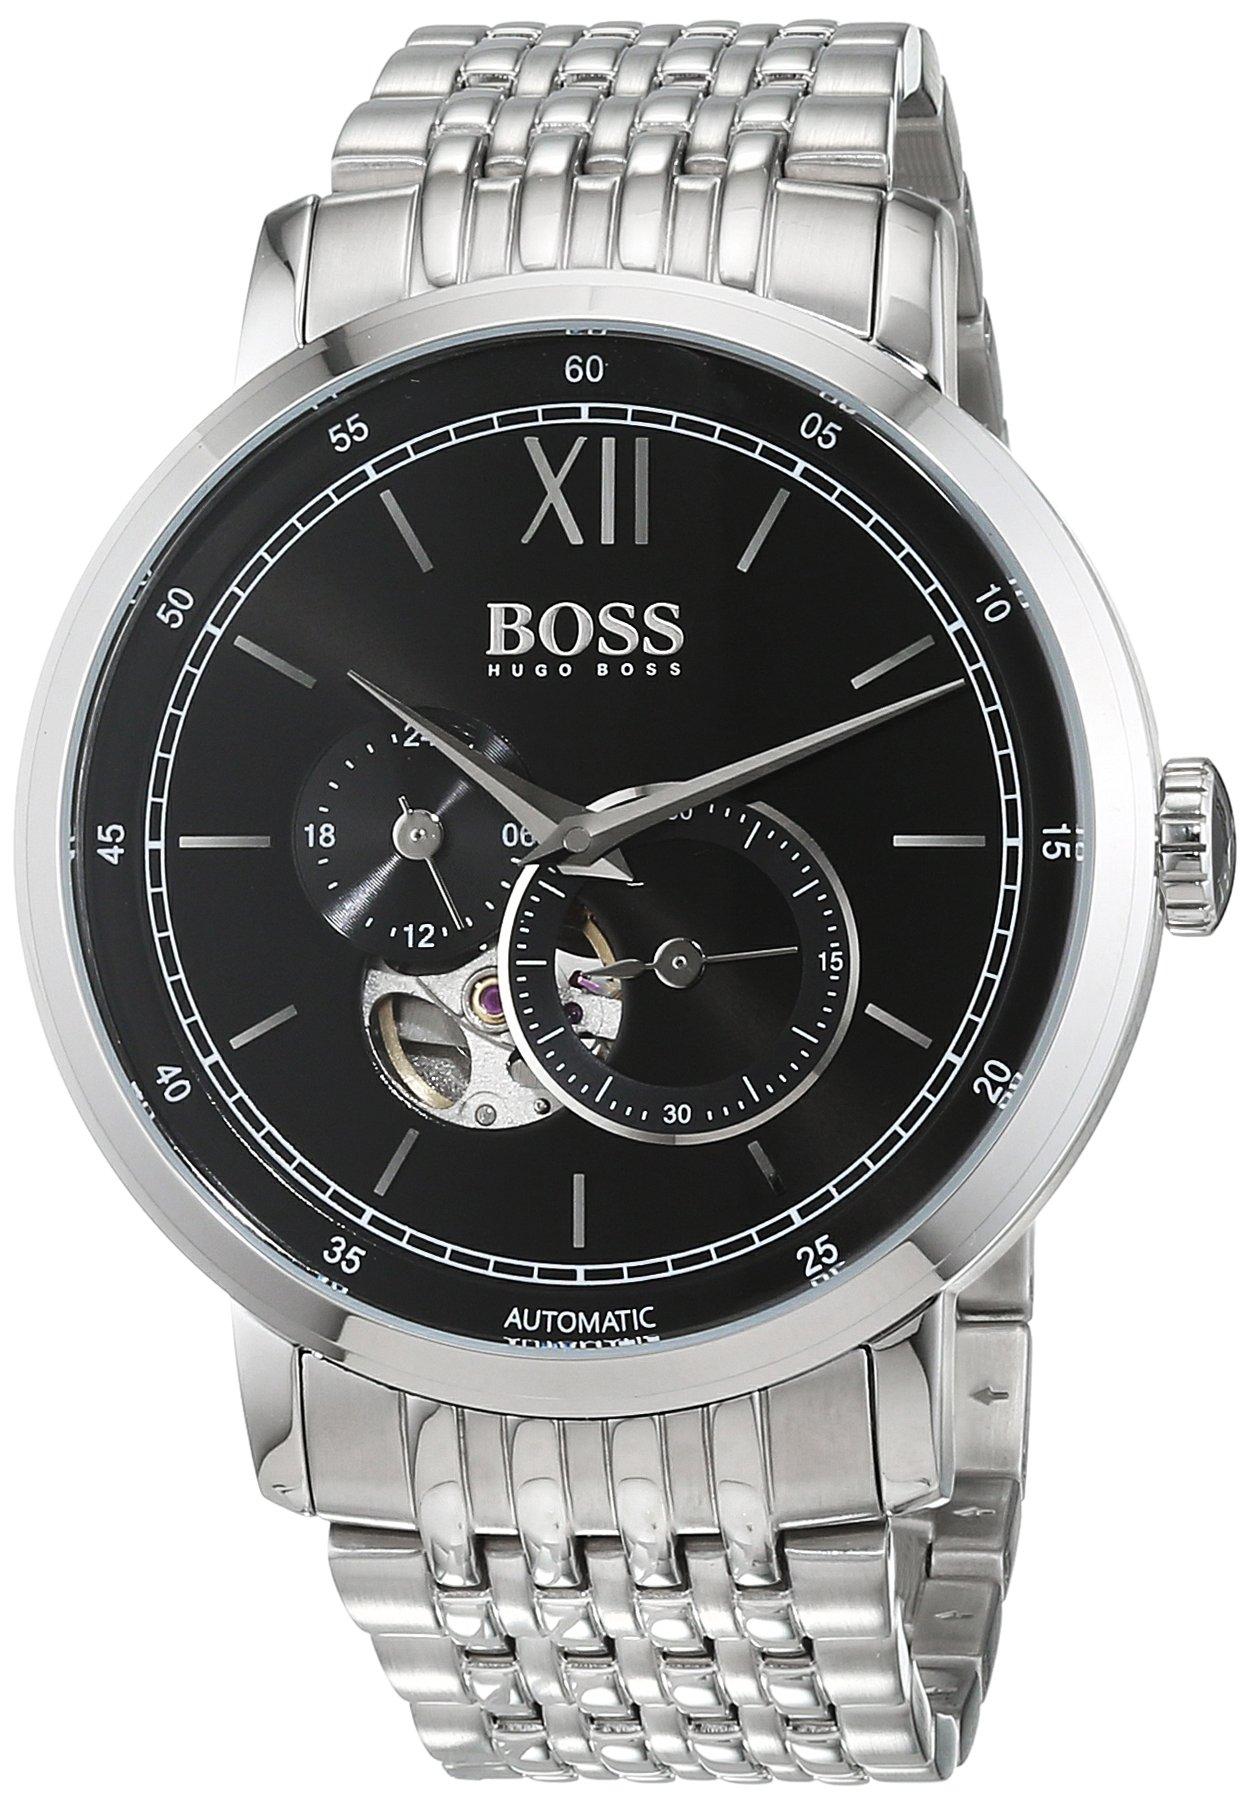 Hugo BOSS Reloj Análogo clásico para Hombre de Automático con Correa en Acero Inoxidable 1513507